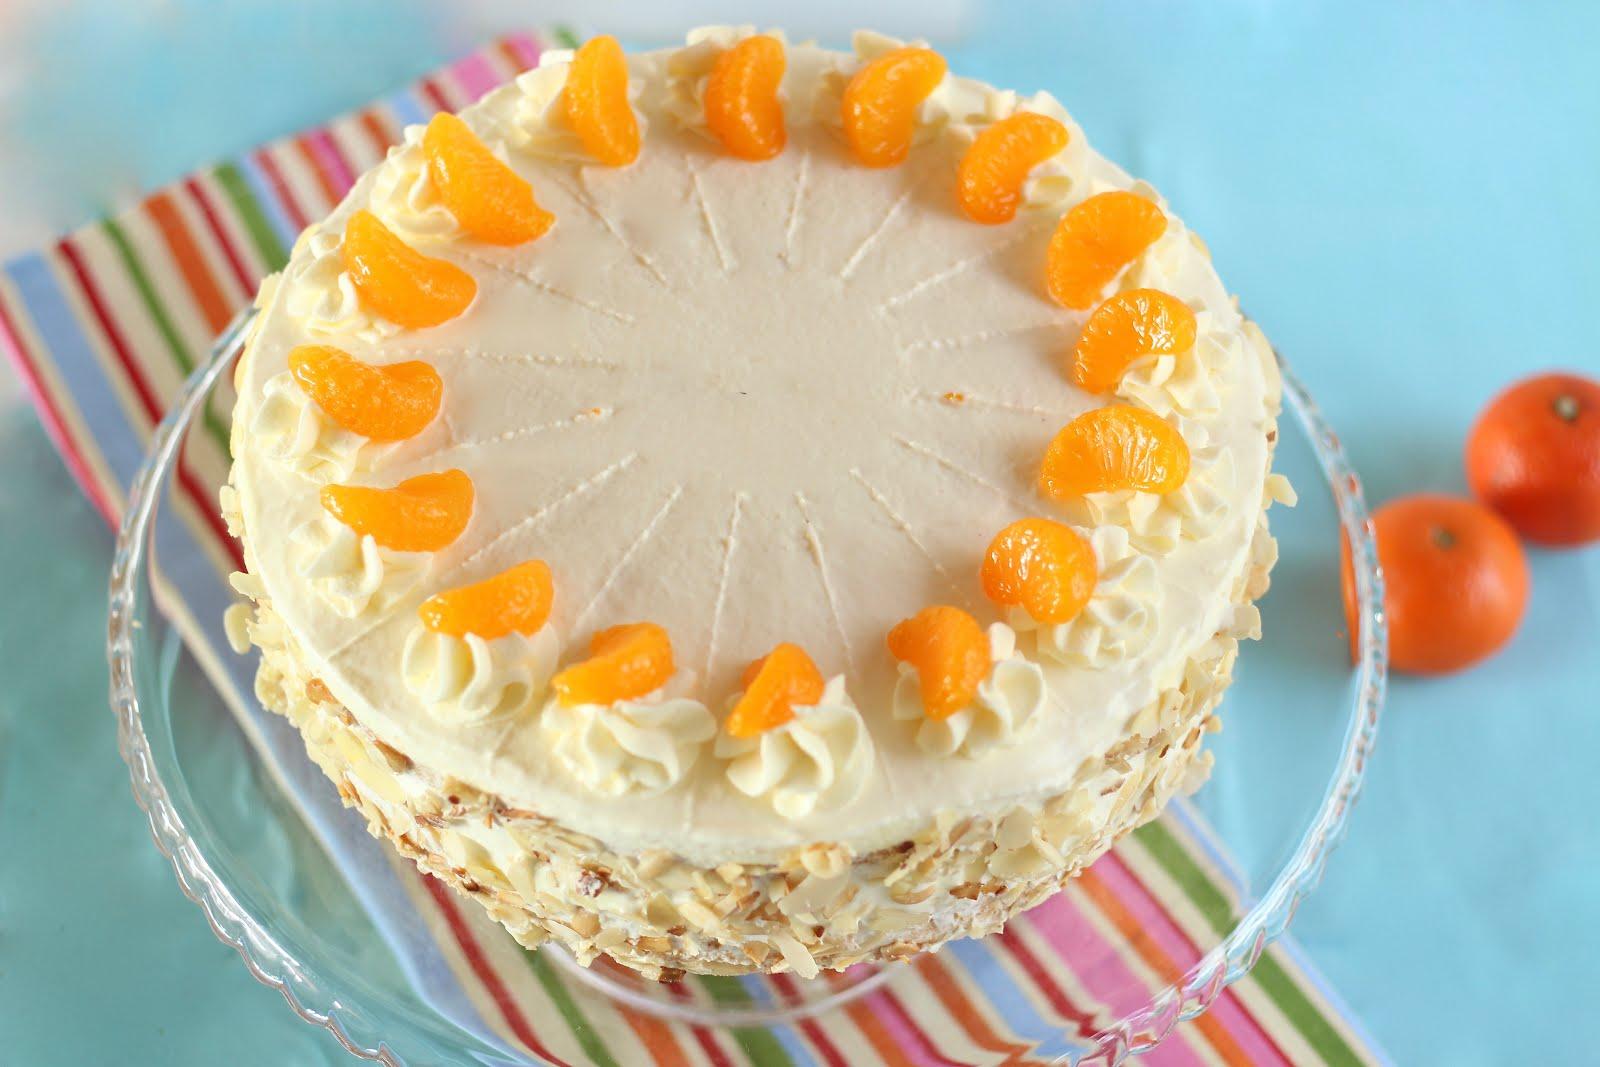 Blitzschnelle Mandarinen-Schmand-Torte: Mandarinen im Paradies | Rezept und Video